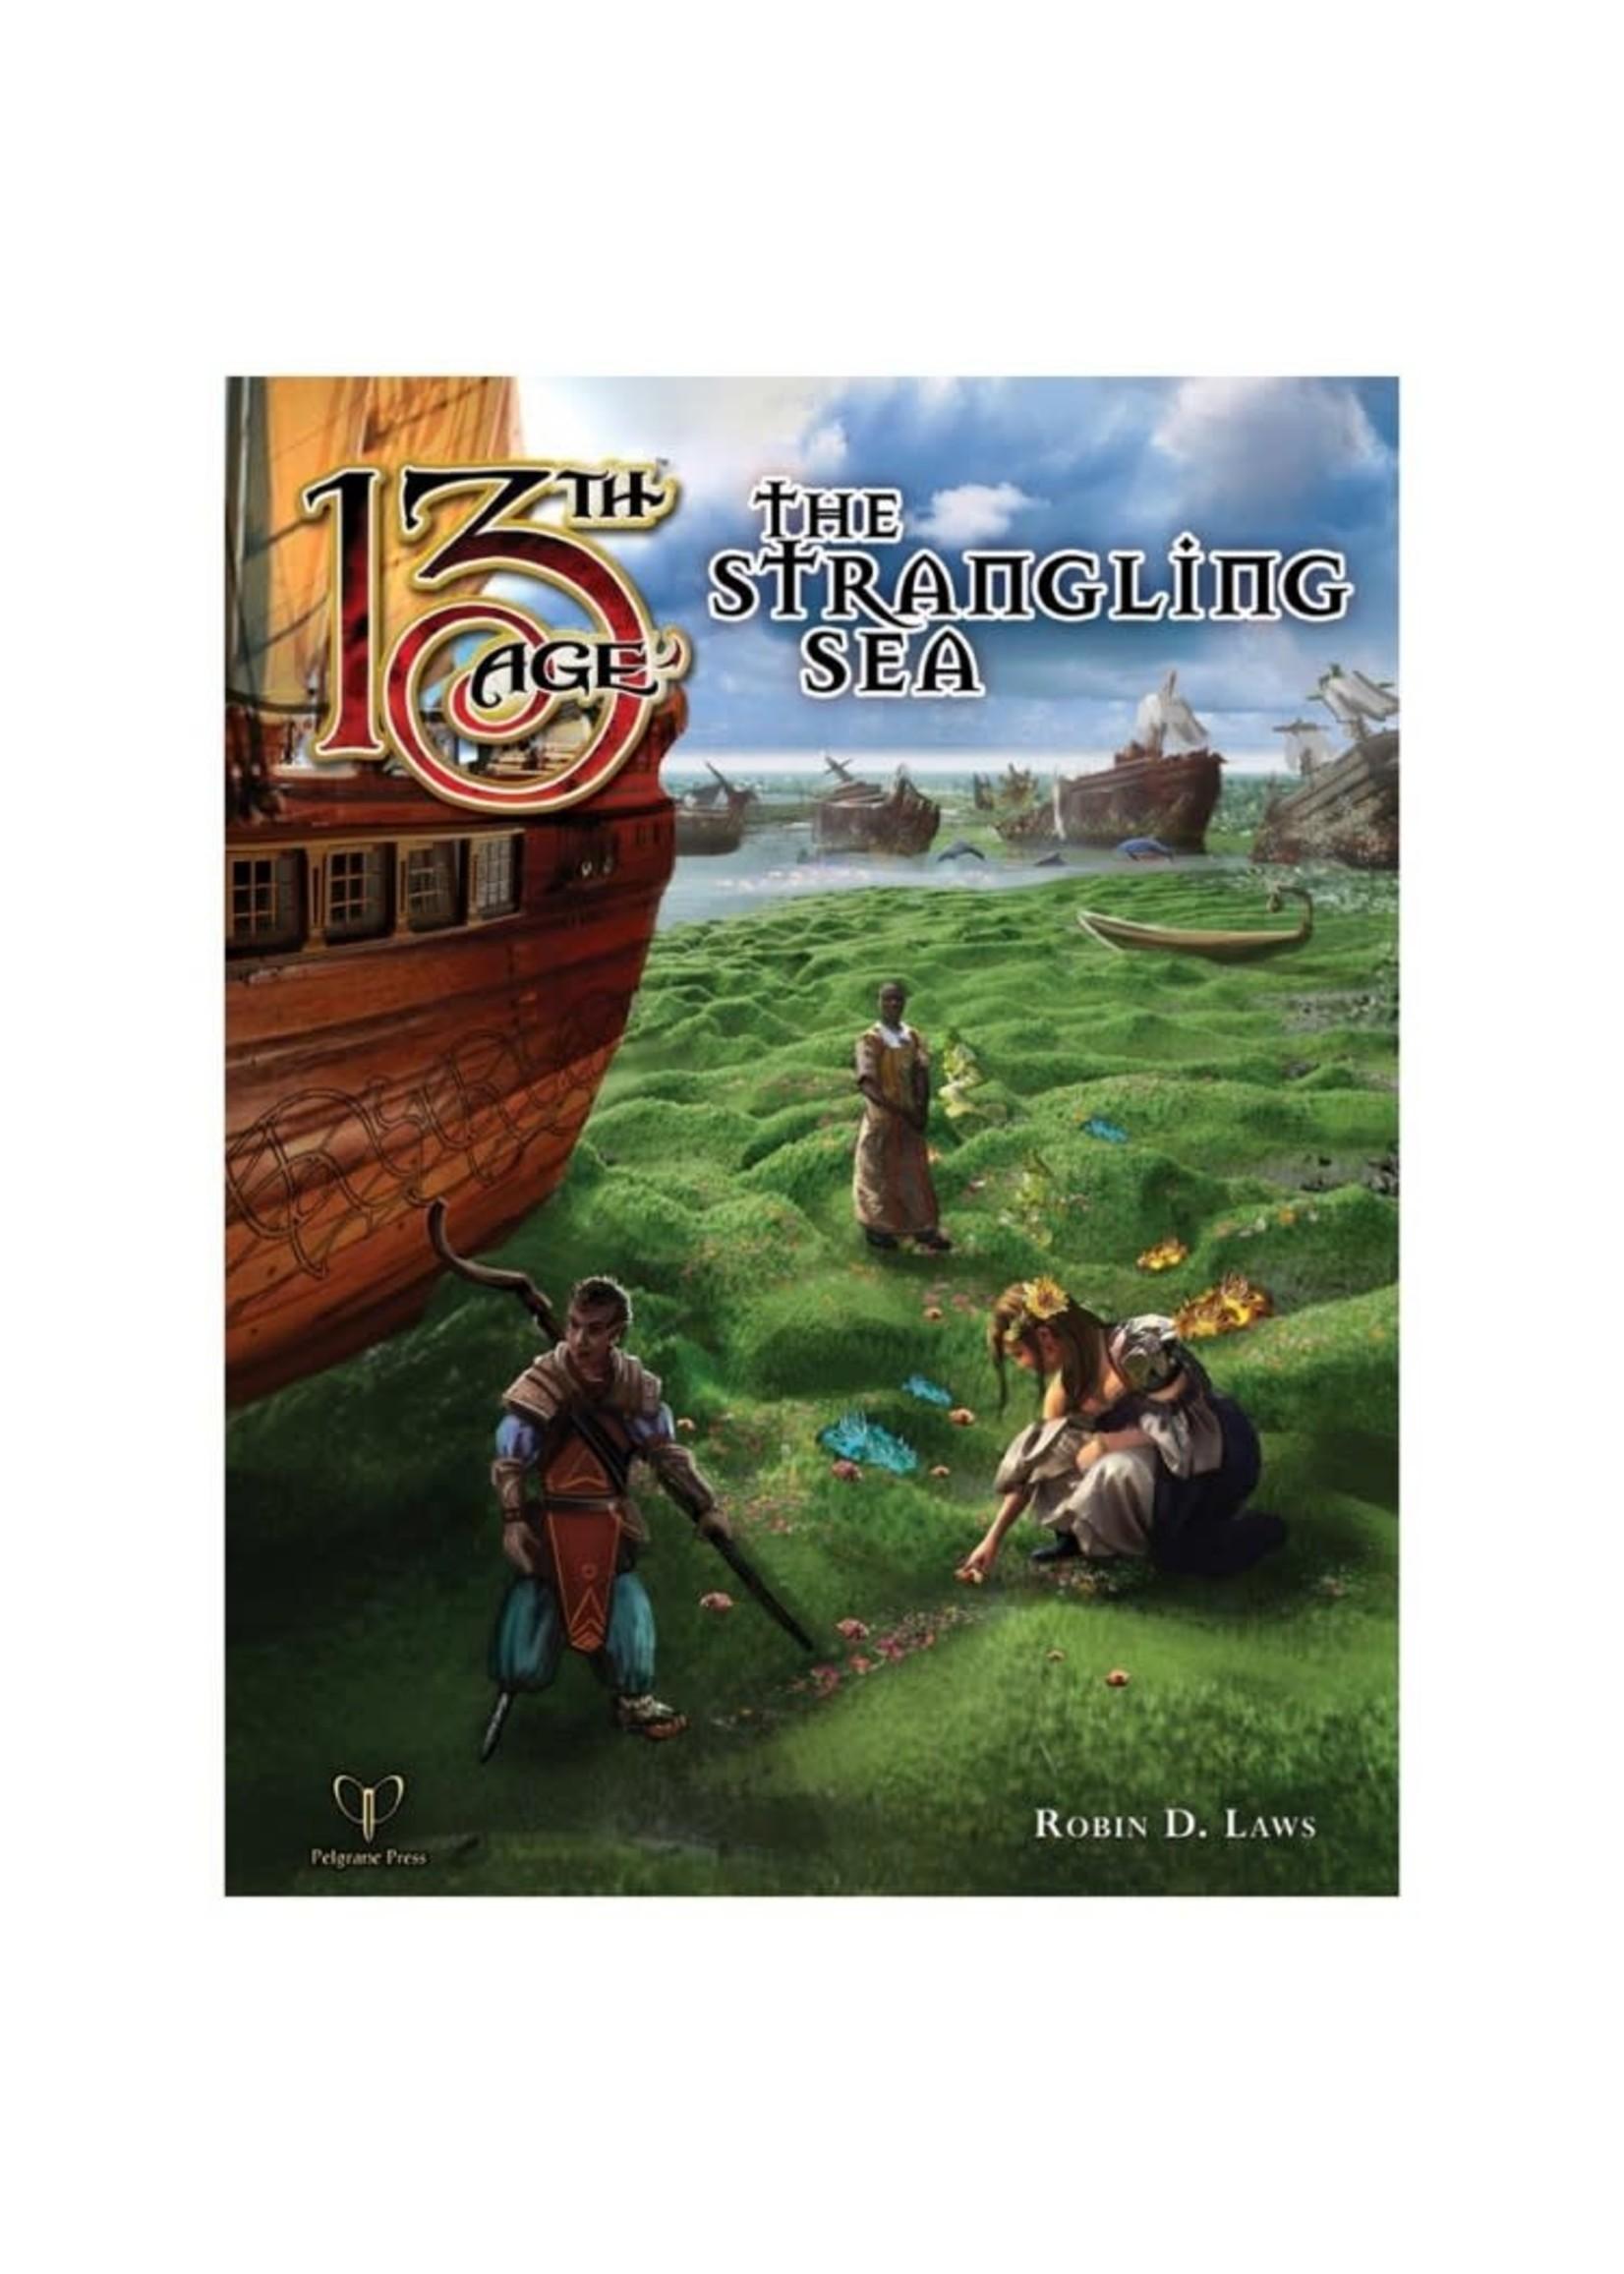 Pelgrane Press 13th Age The Strangling Sea